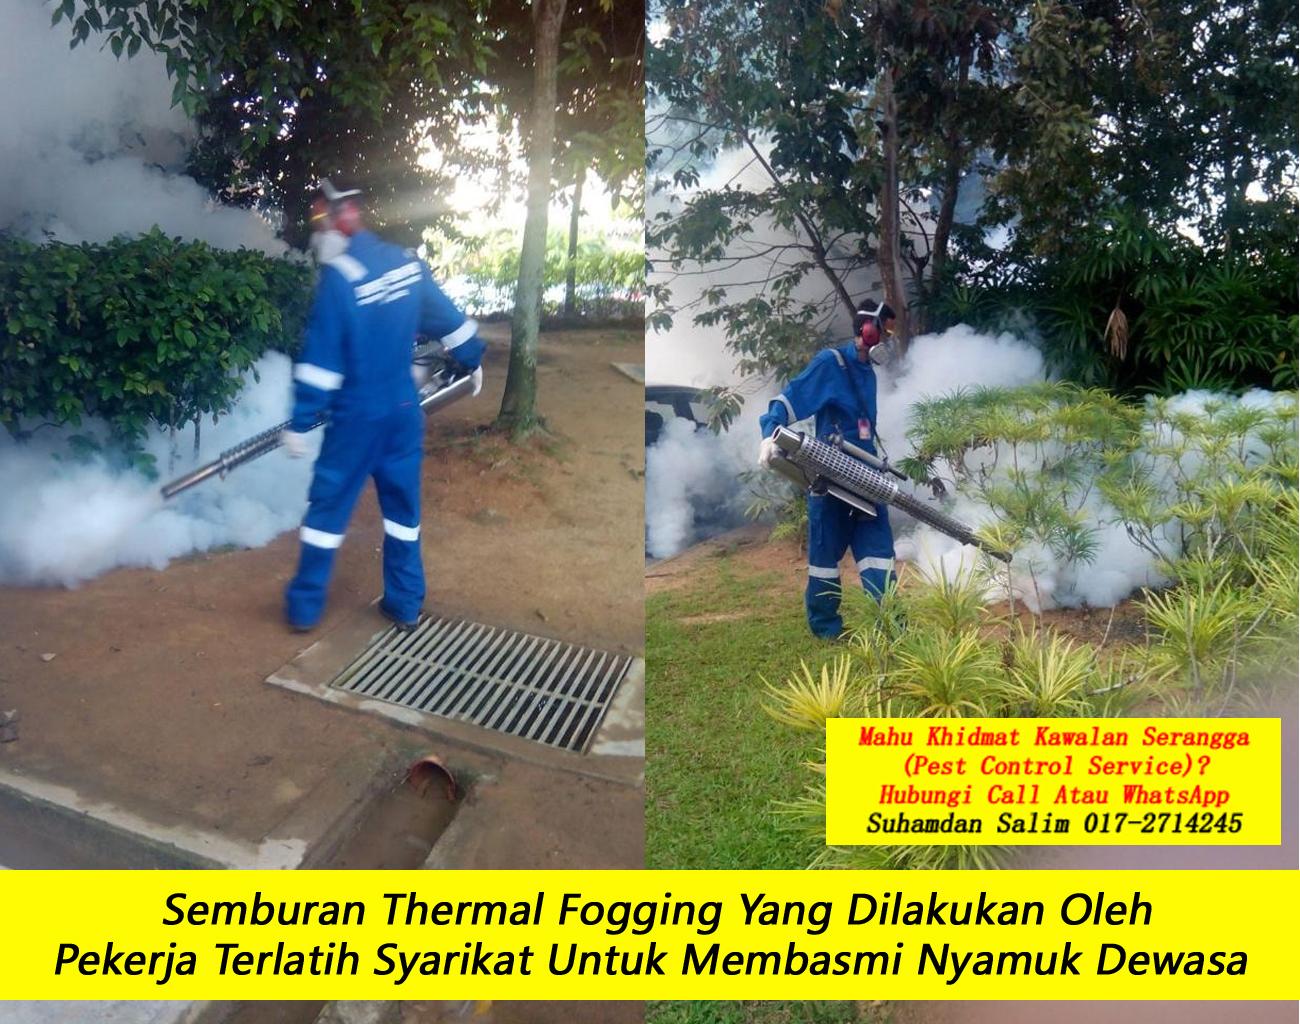 khidmat kawalan semburan nyamuk fogging larvaciding oleh syarikat kawalan serangga company pest control Kampung Pandan kl felda perumahan kawasan perindustrian near me